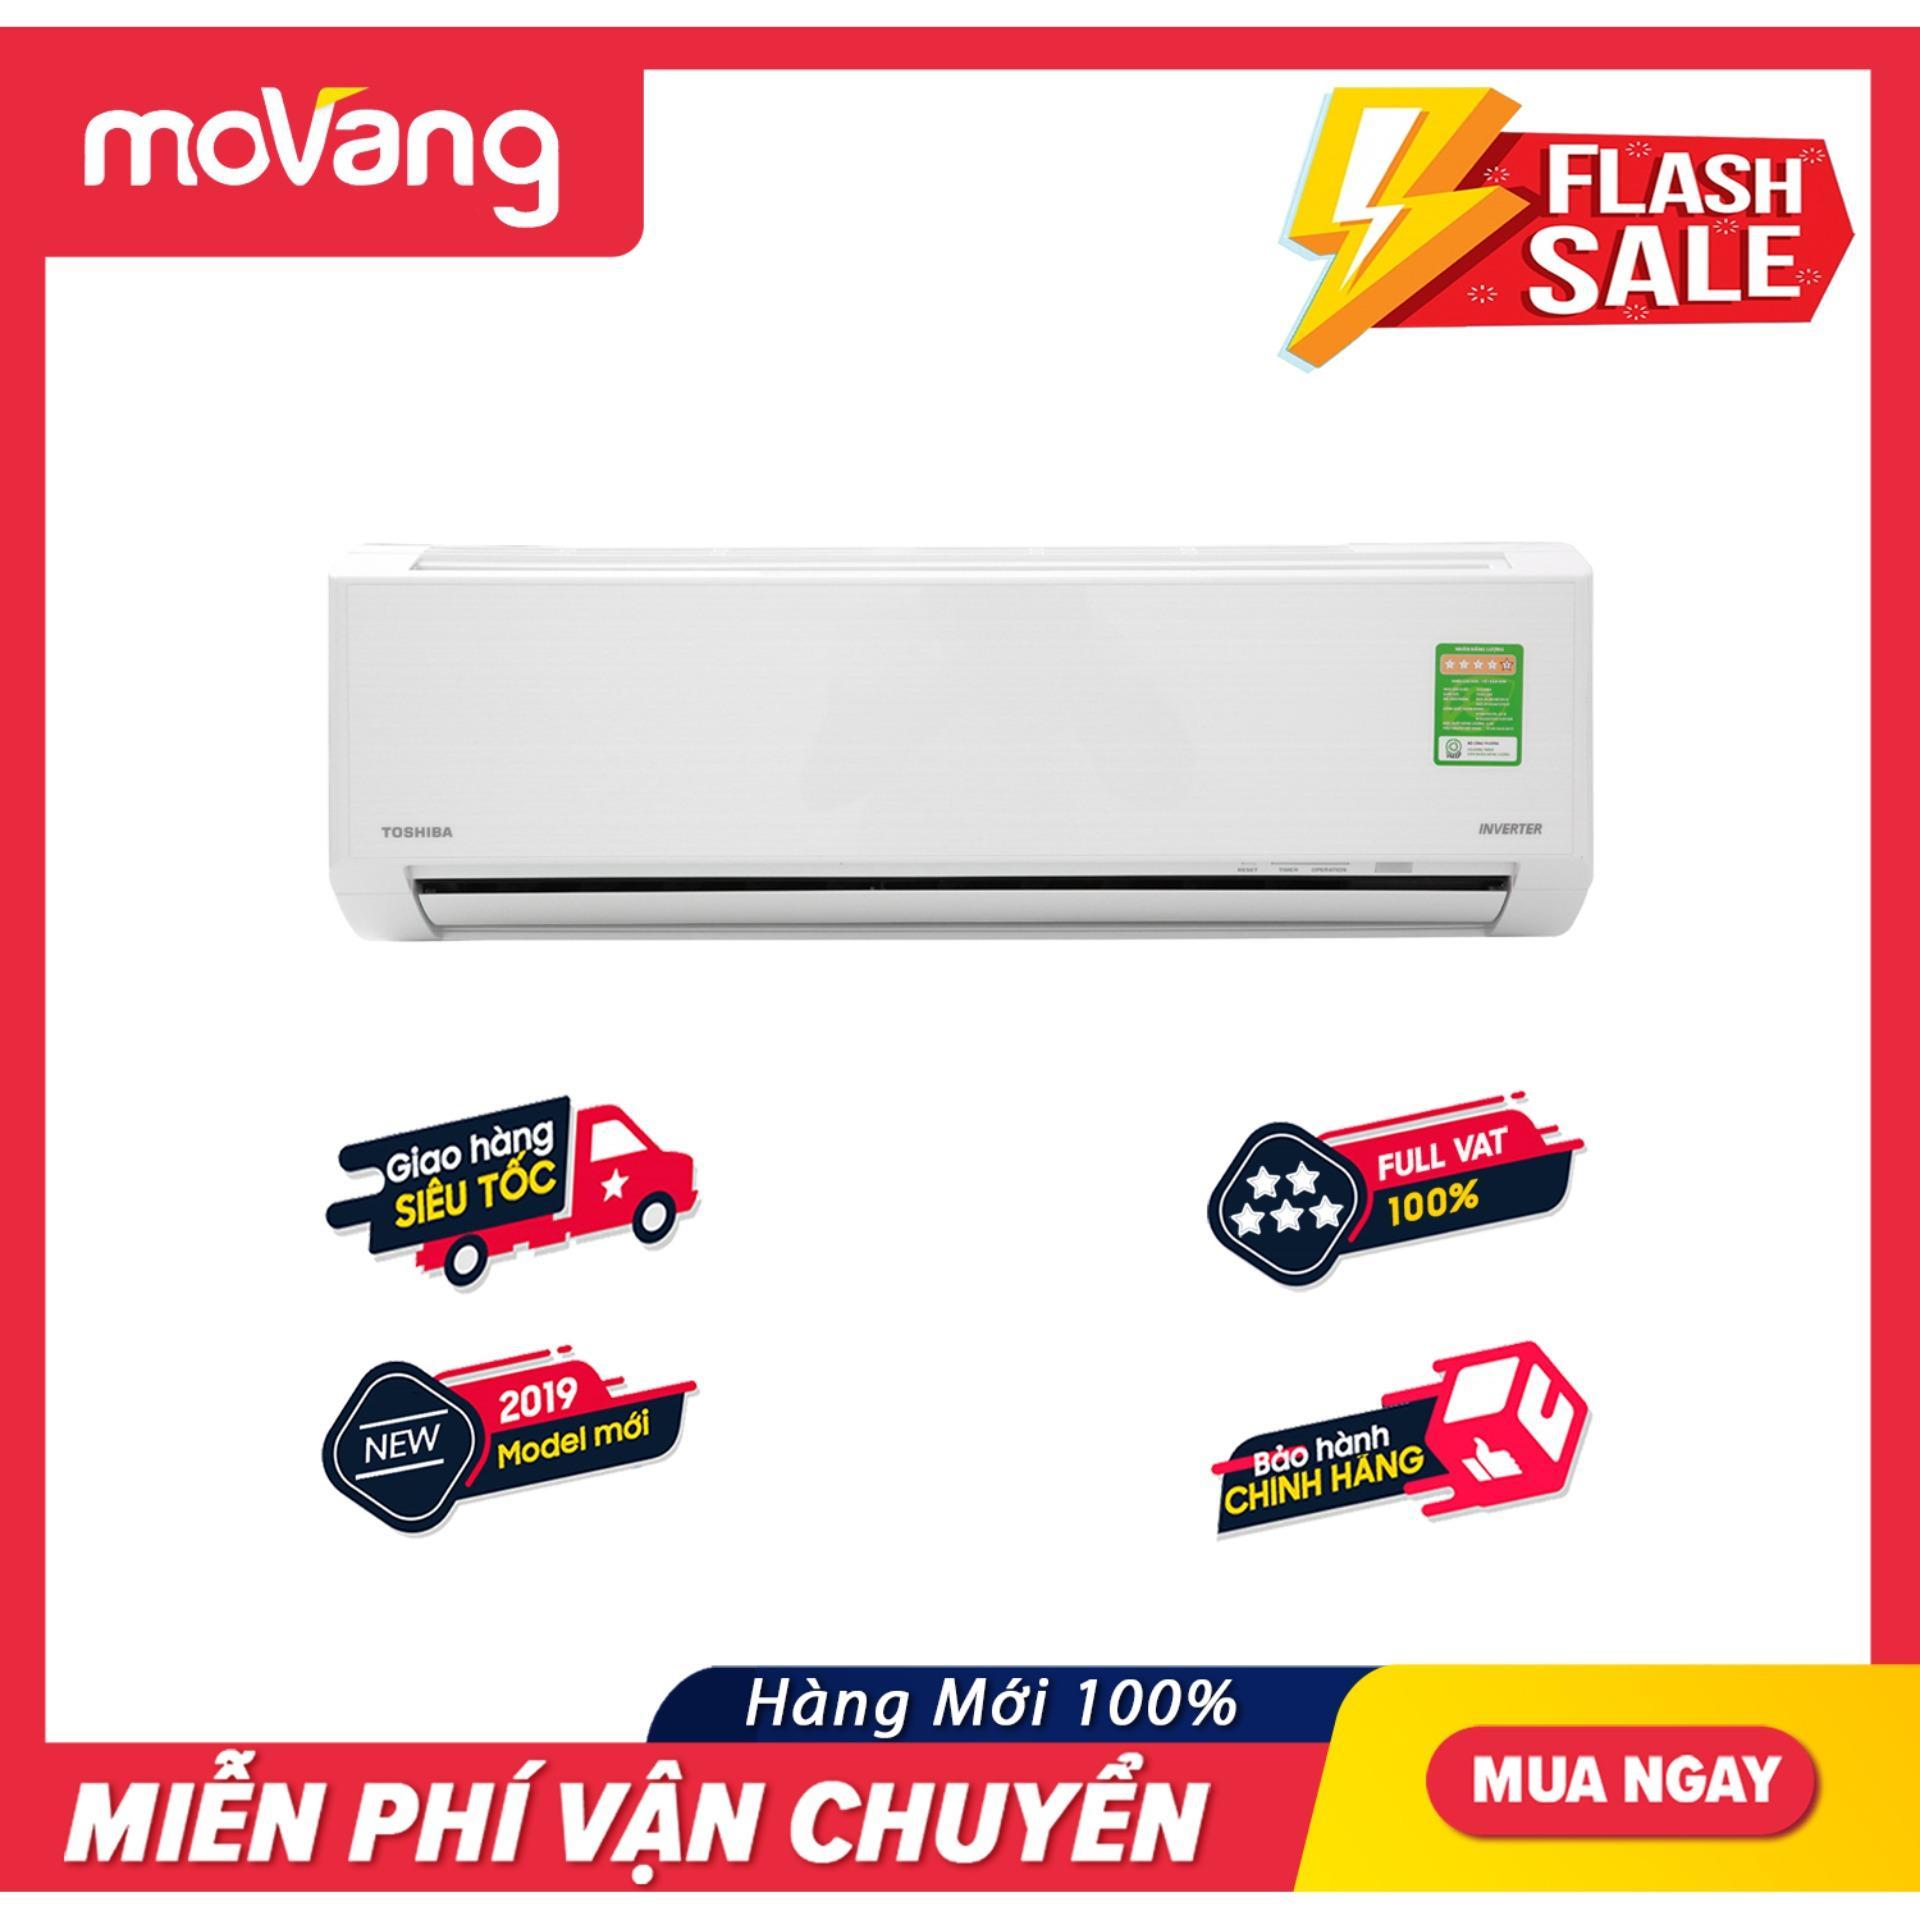 Mã Khuyến Mãi Khi Mua Máy Lạnh Toshiba Inverter 1 HP RAS-H10D1KCVG-V (2019) - Công Suất Tiêu Thụ điện Trung Bình: 0.83 KW/h, Làm Lạnh Nhanh Tức Thì, Tự Khởi động Lại Khi Có điện, Chức Năng Tự Làm Sạch